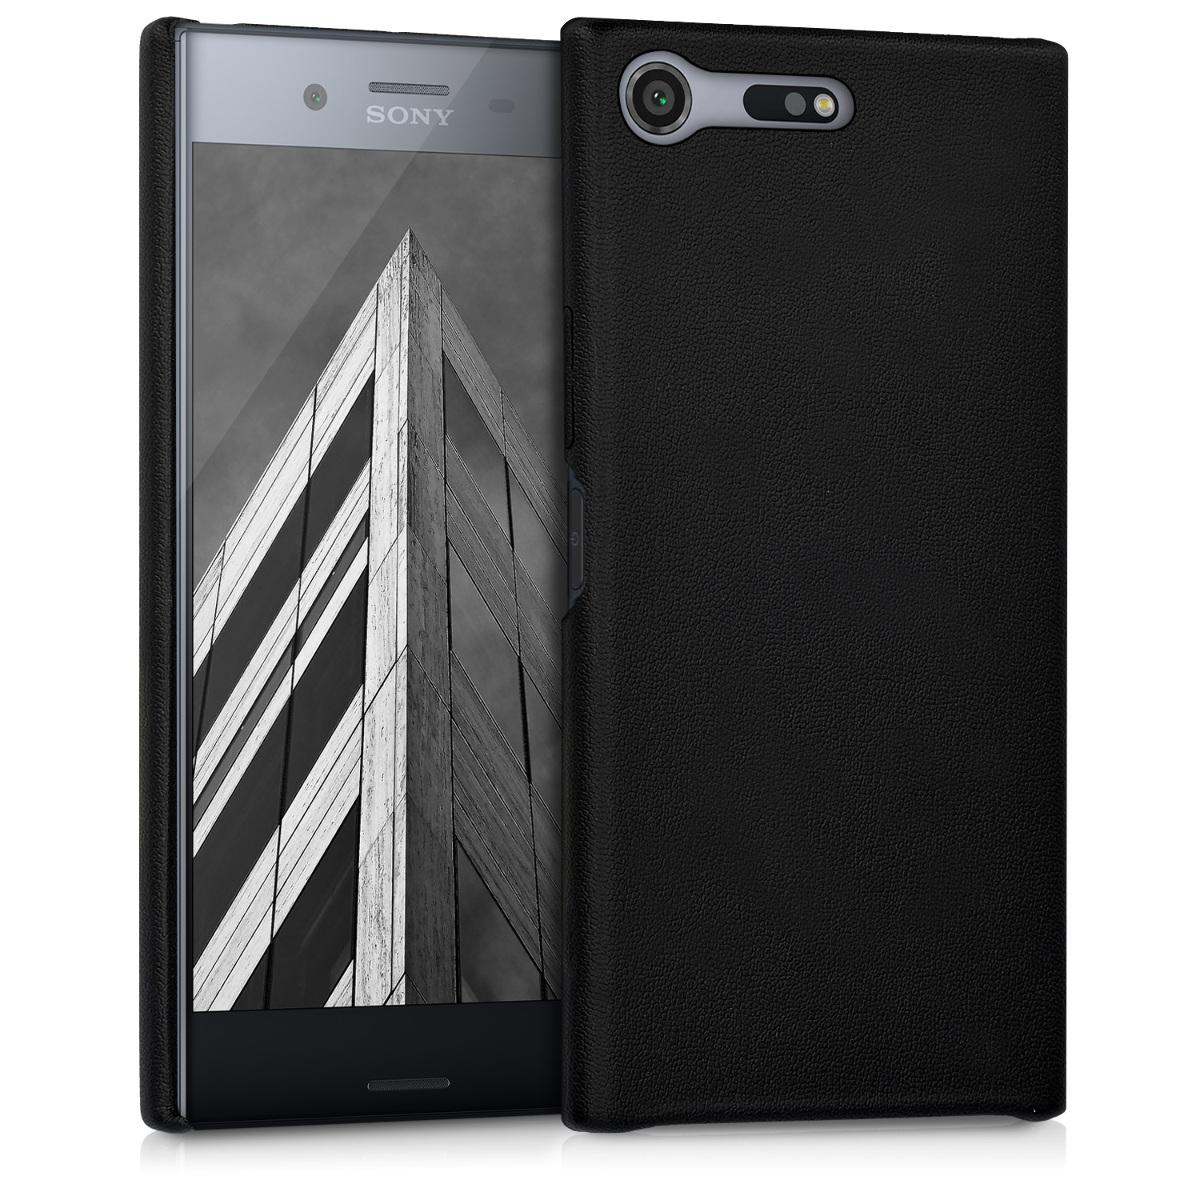 KW Σκληρή Θήκη Καουτσούκ PU Leather Sony Xperia XZ Premium  - Black (41329.01)